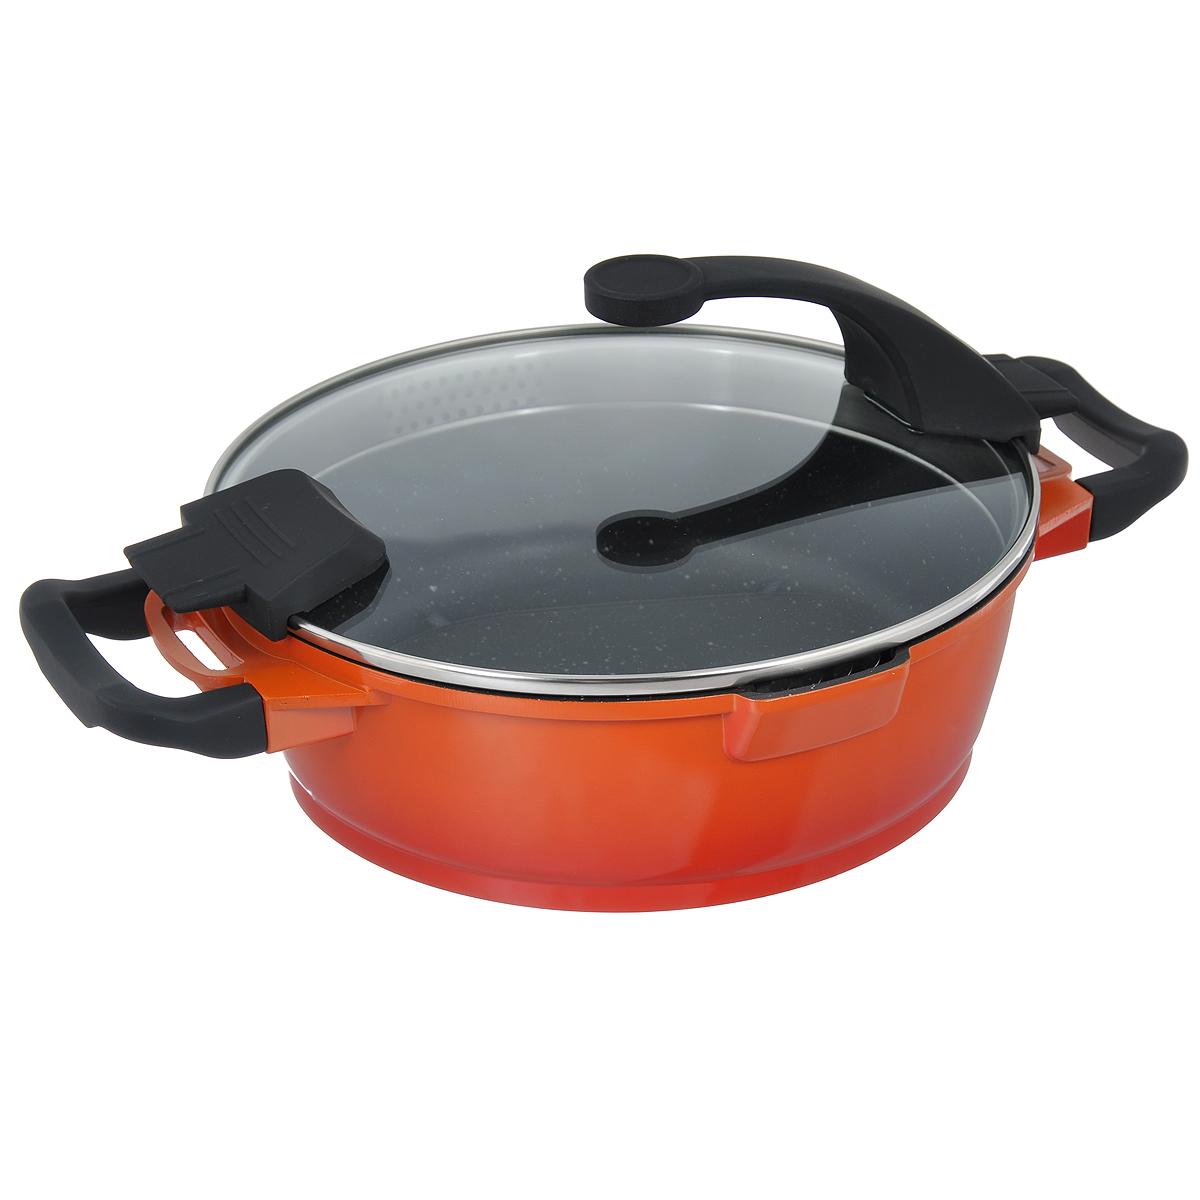 Сотейник BergHOFF Virgo Orange с крышкой, с антипригарным покрытием, цвет: оранжево-красный, 3 л. 23049062304906Сотейник BergHOFF Virgo изготовлен из литого алюминия, который имеет эффект чугунной посуды. В отличие от чугуна, посуда из алюминия легче по весу и быстро нагревается, что гарантирует сбережение энергии. Внутреннее покрытие - экологически безопасное антипригарное покрытие Ferno Green, которое не содержит ни свинца, ни кадмия. Антипригарные свойства посуды позволяют готовить без жира и подсолнечного масла или с его малым количеством. Ручки выполнены из бакелита с покрытием Soft-touch, они имеют комфортную эргономичную форму и не нагреваются в процессе эксплуатации. Крышка изготовлена из термостойкого стекла, благодаря чему можно наблюдать за ингредиентами в процессе приготовления. Широкий металлический обод со специальными отверстиями разного диаметра позволяет выливать жидкость, не снимая крышку. Сотейник оснащен двумя носиками для слива жидкости. Подходит для всех типов плит, включая индукционные. Рекомендуется мыть вручную. Диаметр сотейника (по верхнему краю): 24 см. Ширина сотейника (с учетом ручек): 36 см.Высота стенки: 8 см. Толщина стенки: 3 мм. Толщина дна: 5 мм.